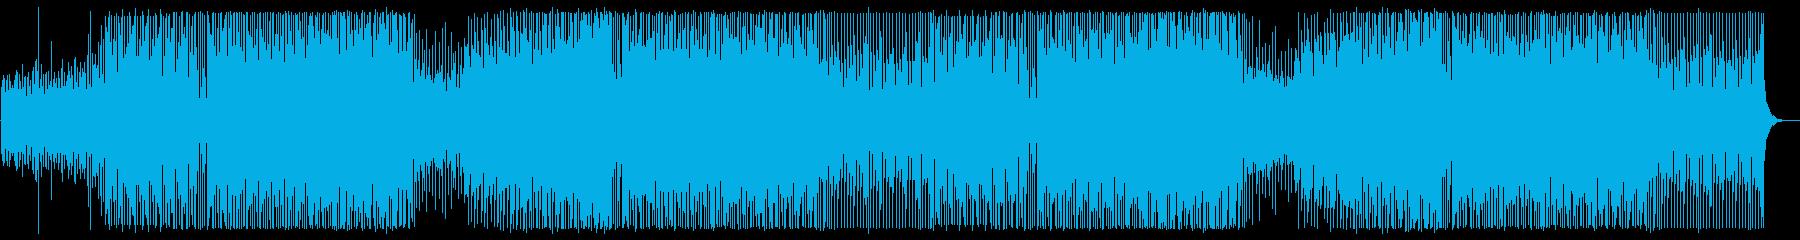 ダンサブルなエレクトロミュージックの再生済みの波形